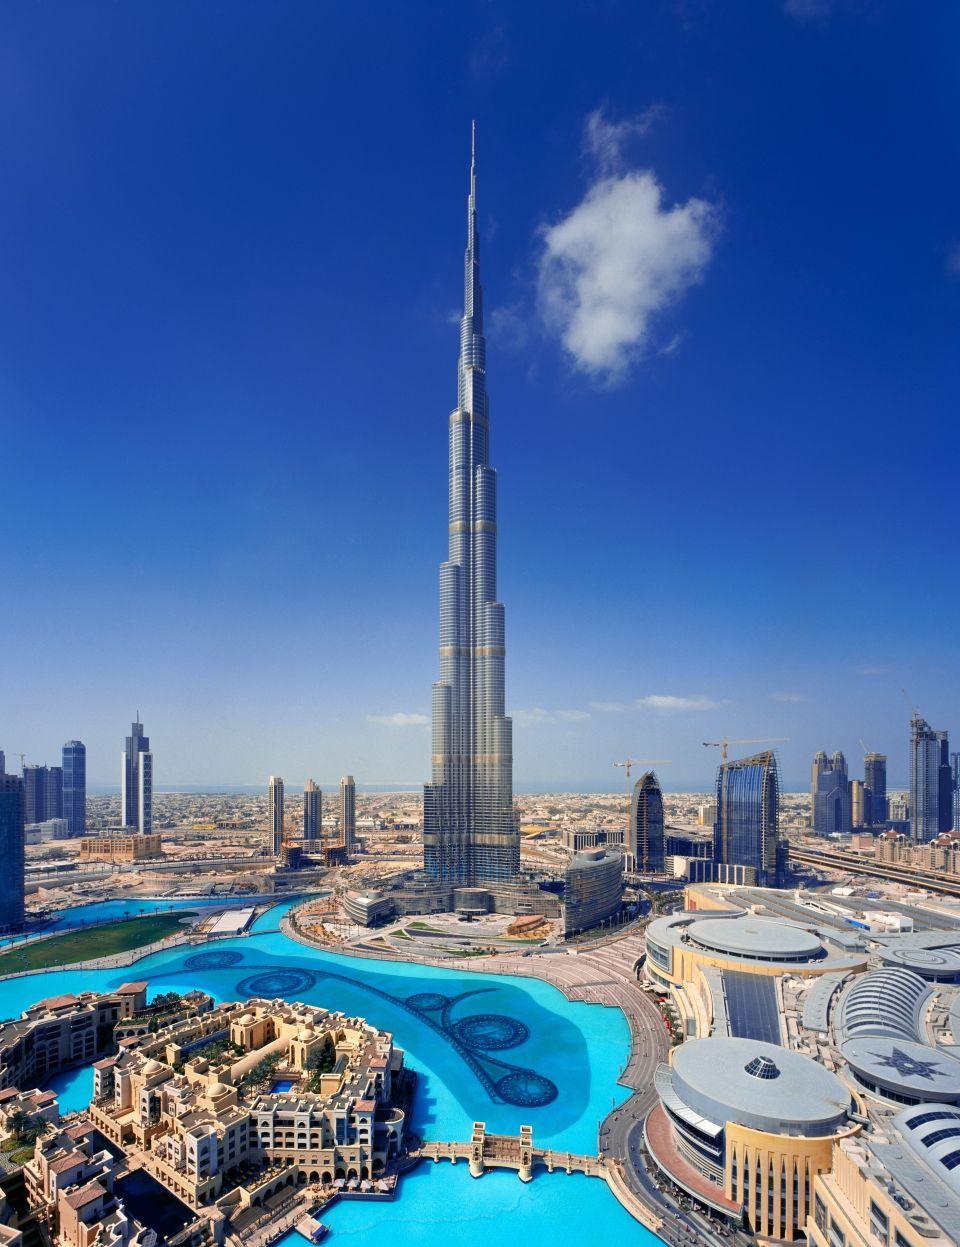 1. Burj Khalifa